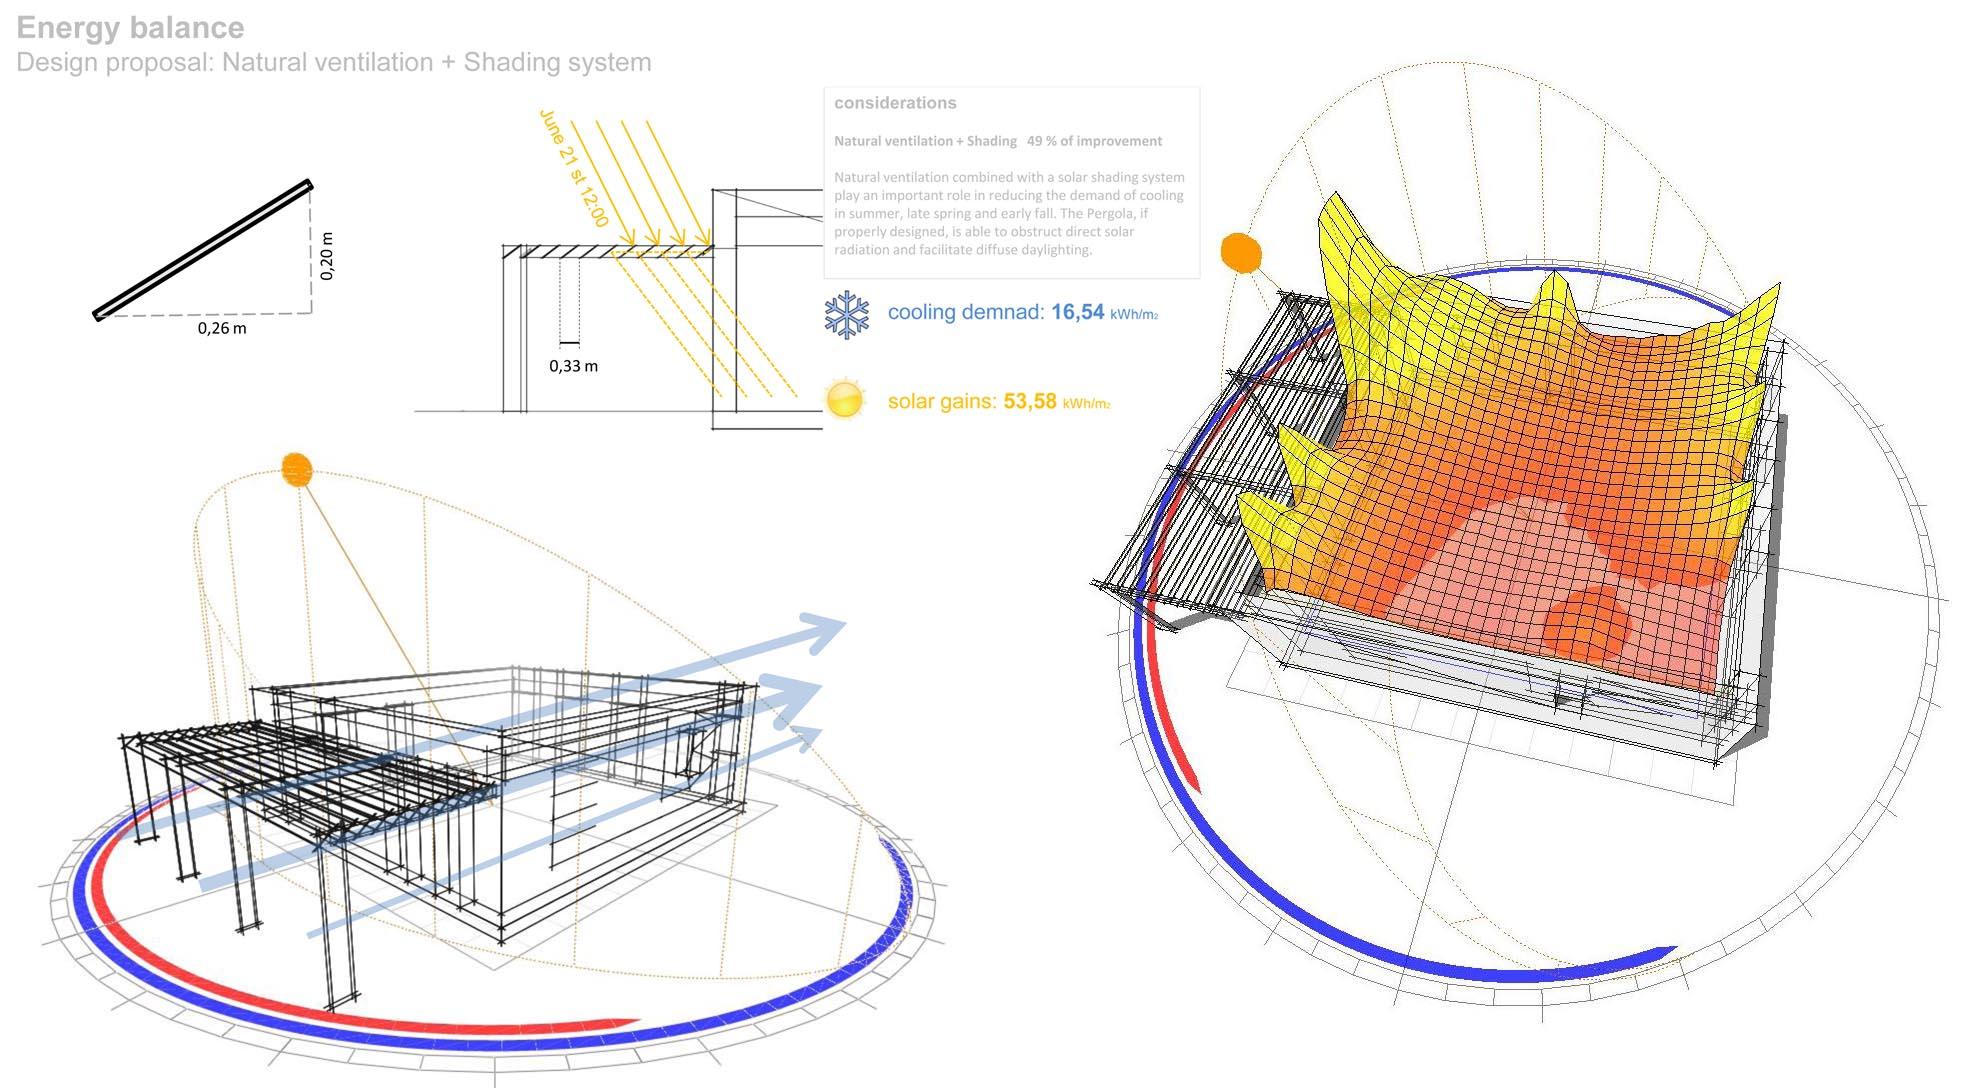 simulacion-luz-energetica-natural-bioclimatica-ecologica-barcelona-españa